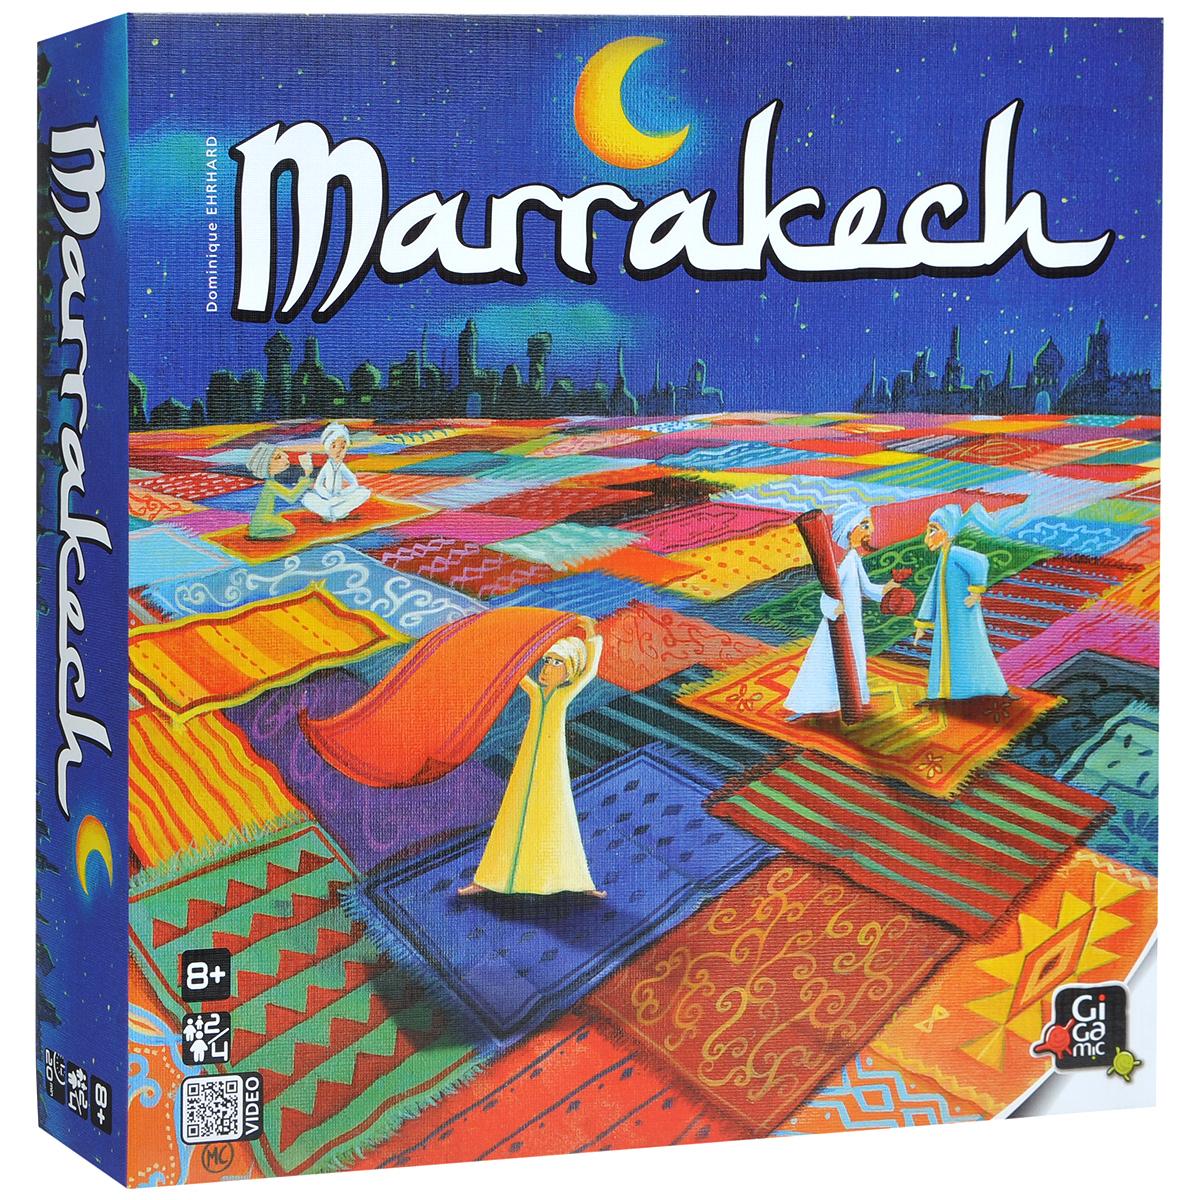 Настольная игра МарракешР61750Настольная игра Марракеш (Marrakech) - это прекрасный способ времяпрепровождения, такое развлечение придется по душе, как взрослым, так и детям. Ковровый рынок Марракеш бурлит: вот-вот будет объявлен лучший продавец! Каждый игрок хочет добиться, чтобы в конце игры было видно максимальное количество его ковров, и в то же самое время старается получить наибольшую прибыль. Это красивая и несложная игра, больше тактическая, чем стратегическая, которая отлично подойдет для семейной компании. Очень красивая, с симпатичными ткаными ковриками и активным взаимодействием между игроками - скучать вам точно не придется! В комплект игры входят: игровое поле, 57 ковров (15 - красных ковров, 15 - желтых, 15 - коричневых, 12 - синих), 40 монет, фигурка, игральный кубик, мешочек для хранения и правила игры на русском языке. Количество: 2-4 игрока. Время игры: 20 минут.